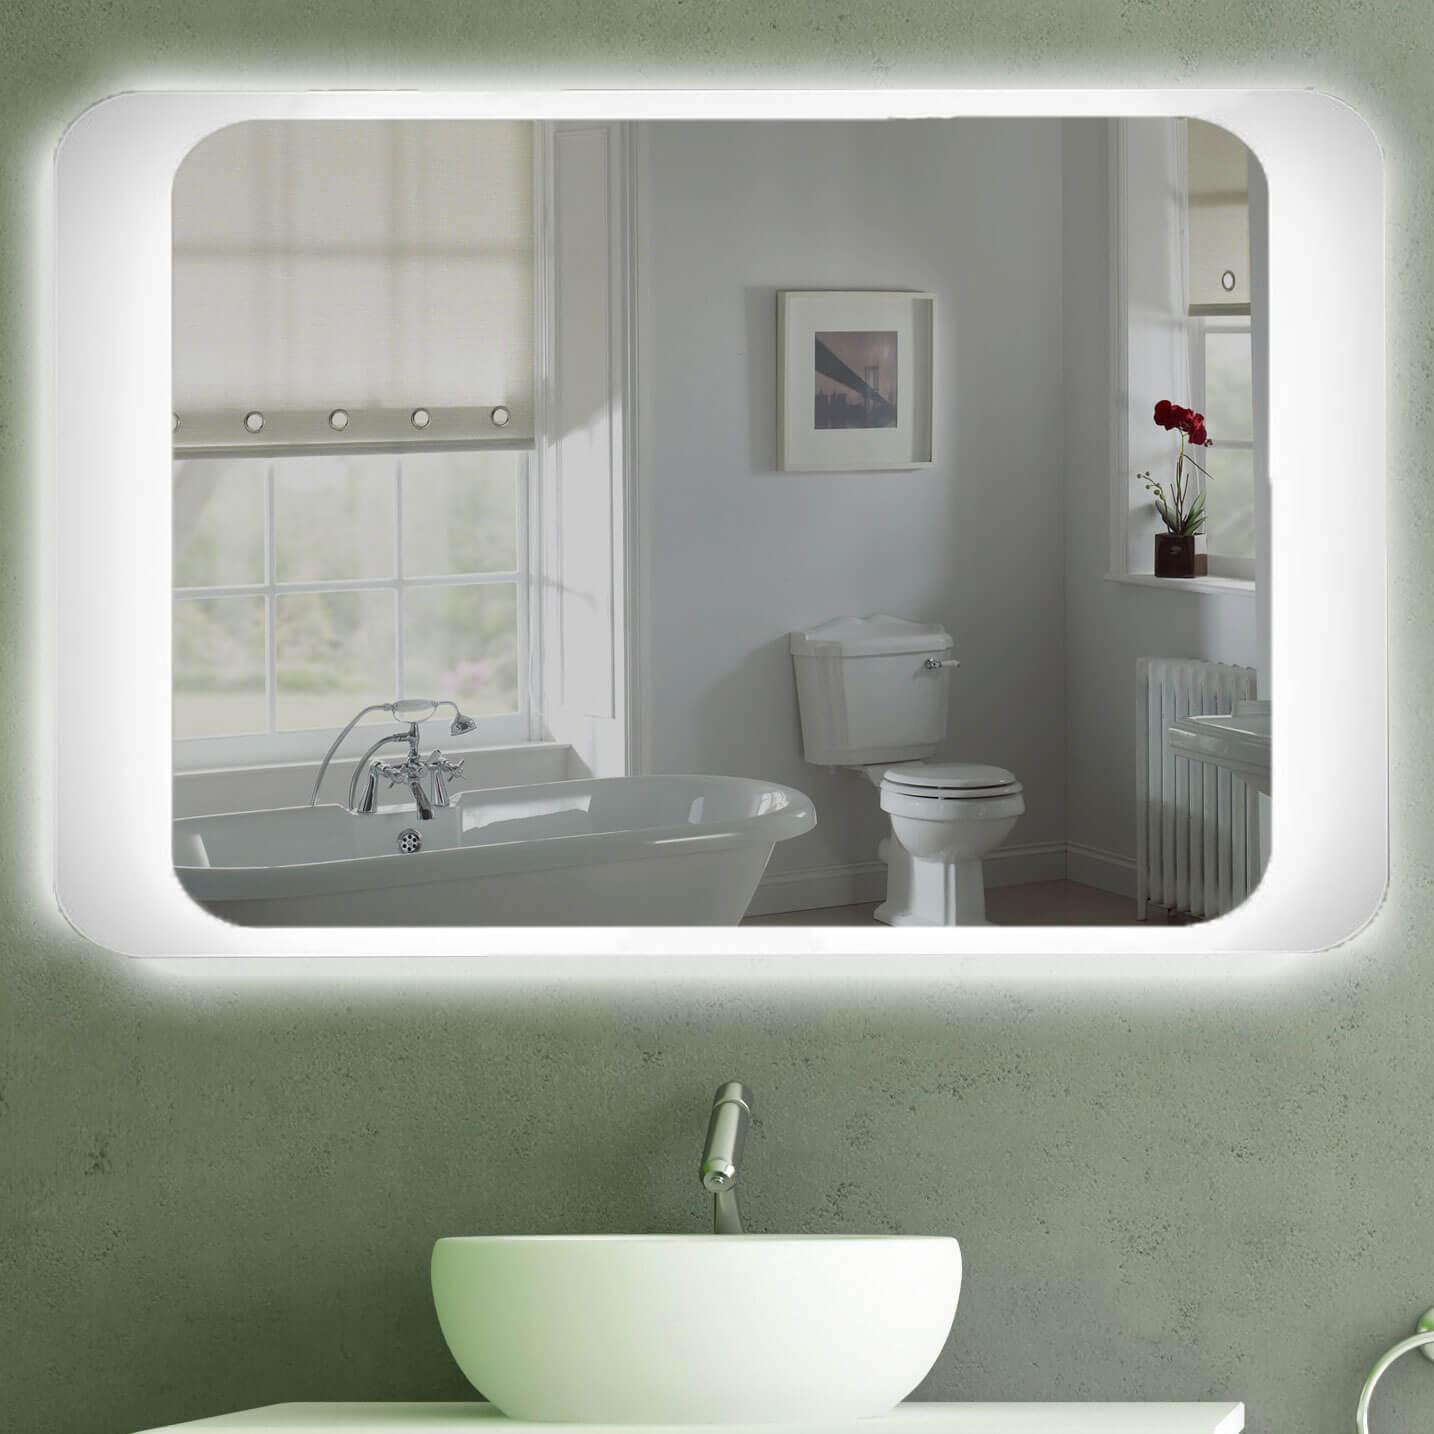 Top Badspiegel mit Beleuchtung | Spiegel |TÜV geprüft| kostenloser Versand GE38